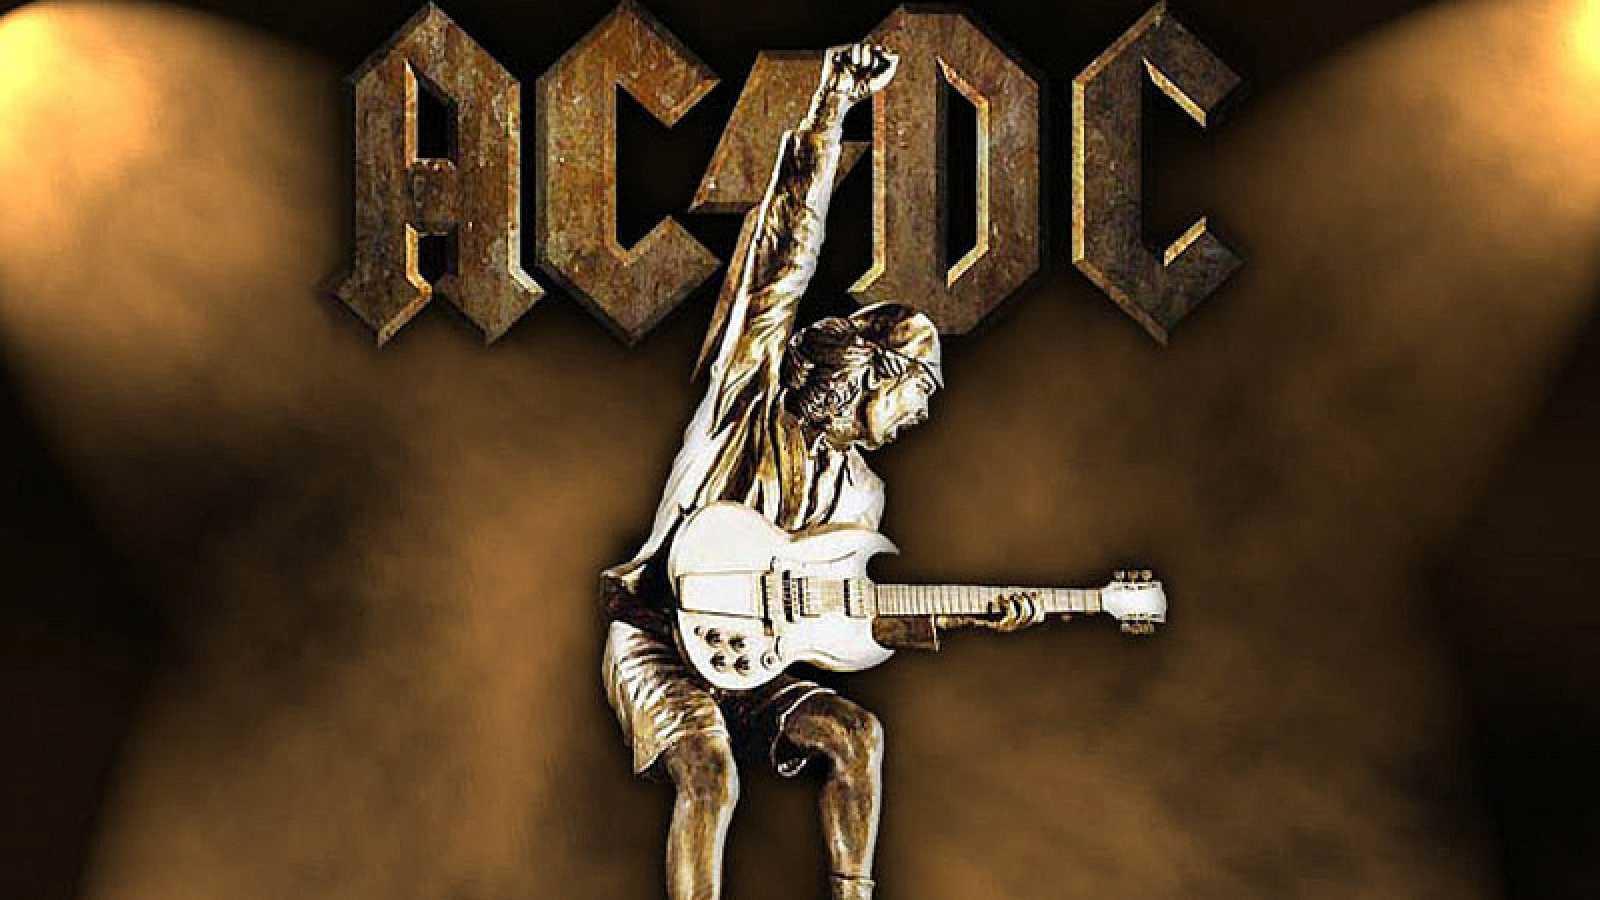 Próxima parada - The Animals y Bad Company & AC/DC - 06/09/20 - escuchar ahora